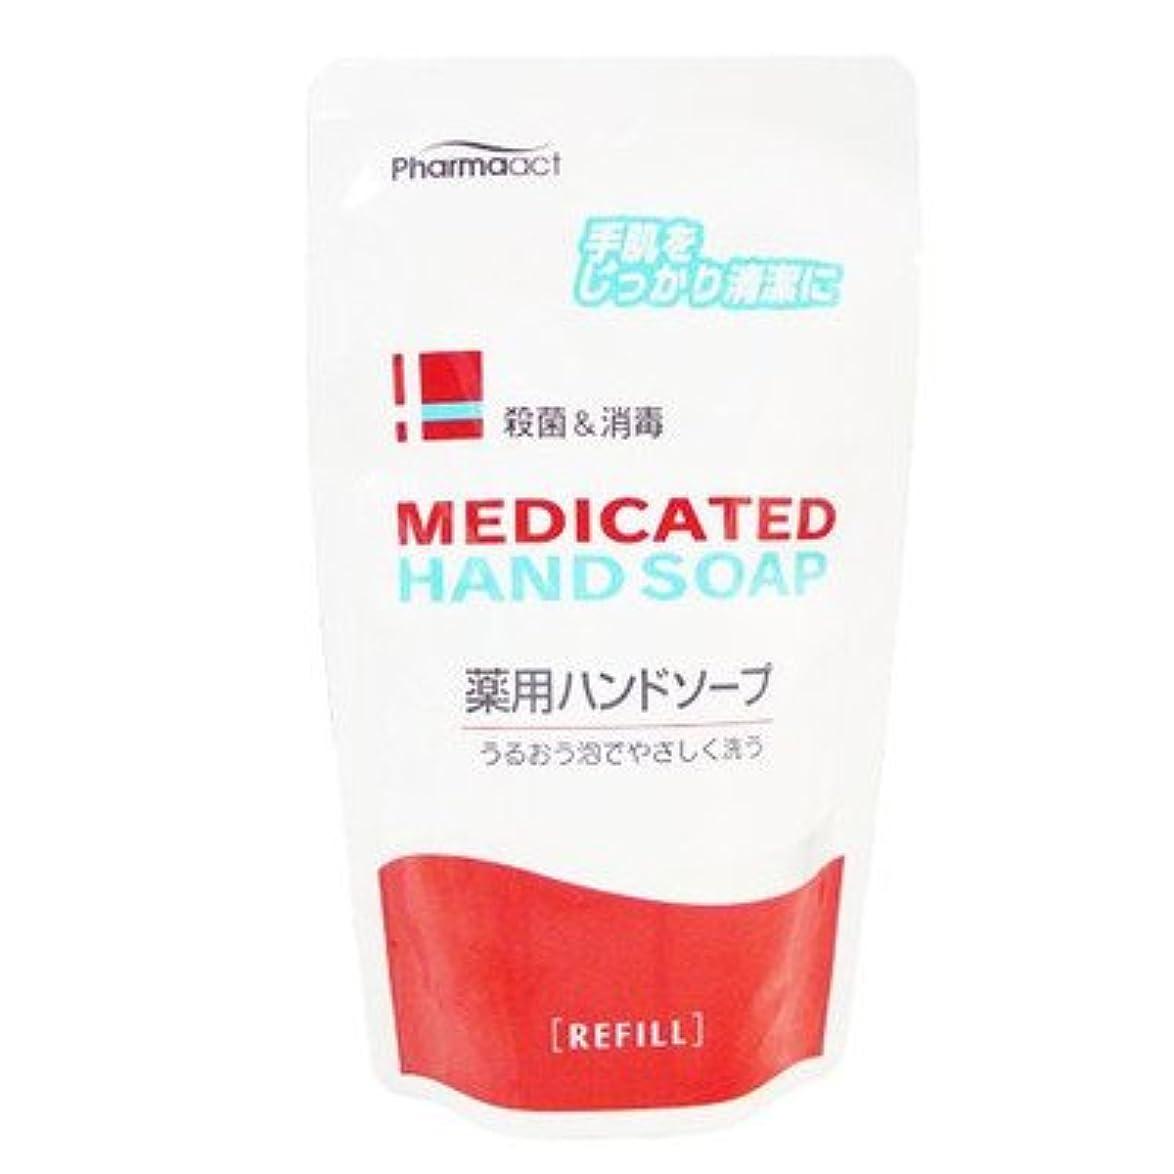 バーガー矛盾する結び目Medicated 薬用ハンドソープ 殺菌+消毒 200ml【つめかえ用】(医薬部外品)